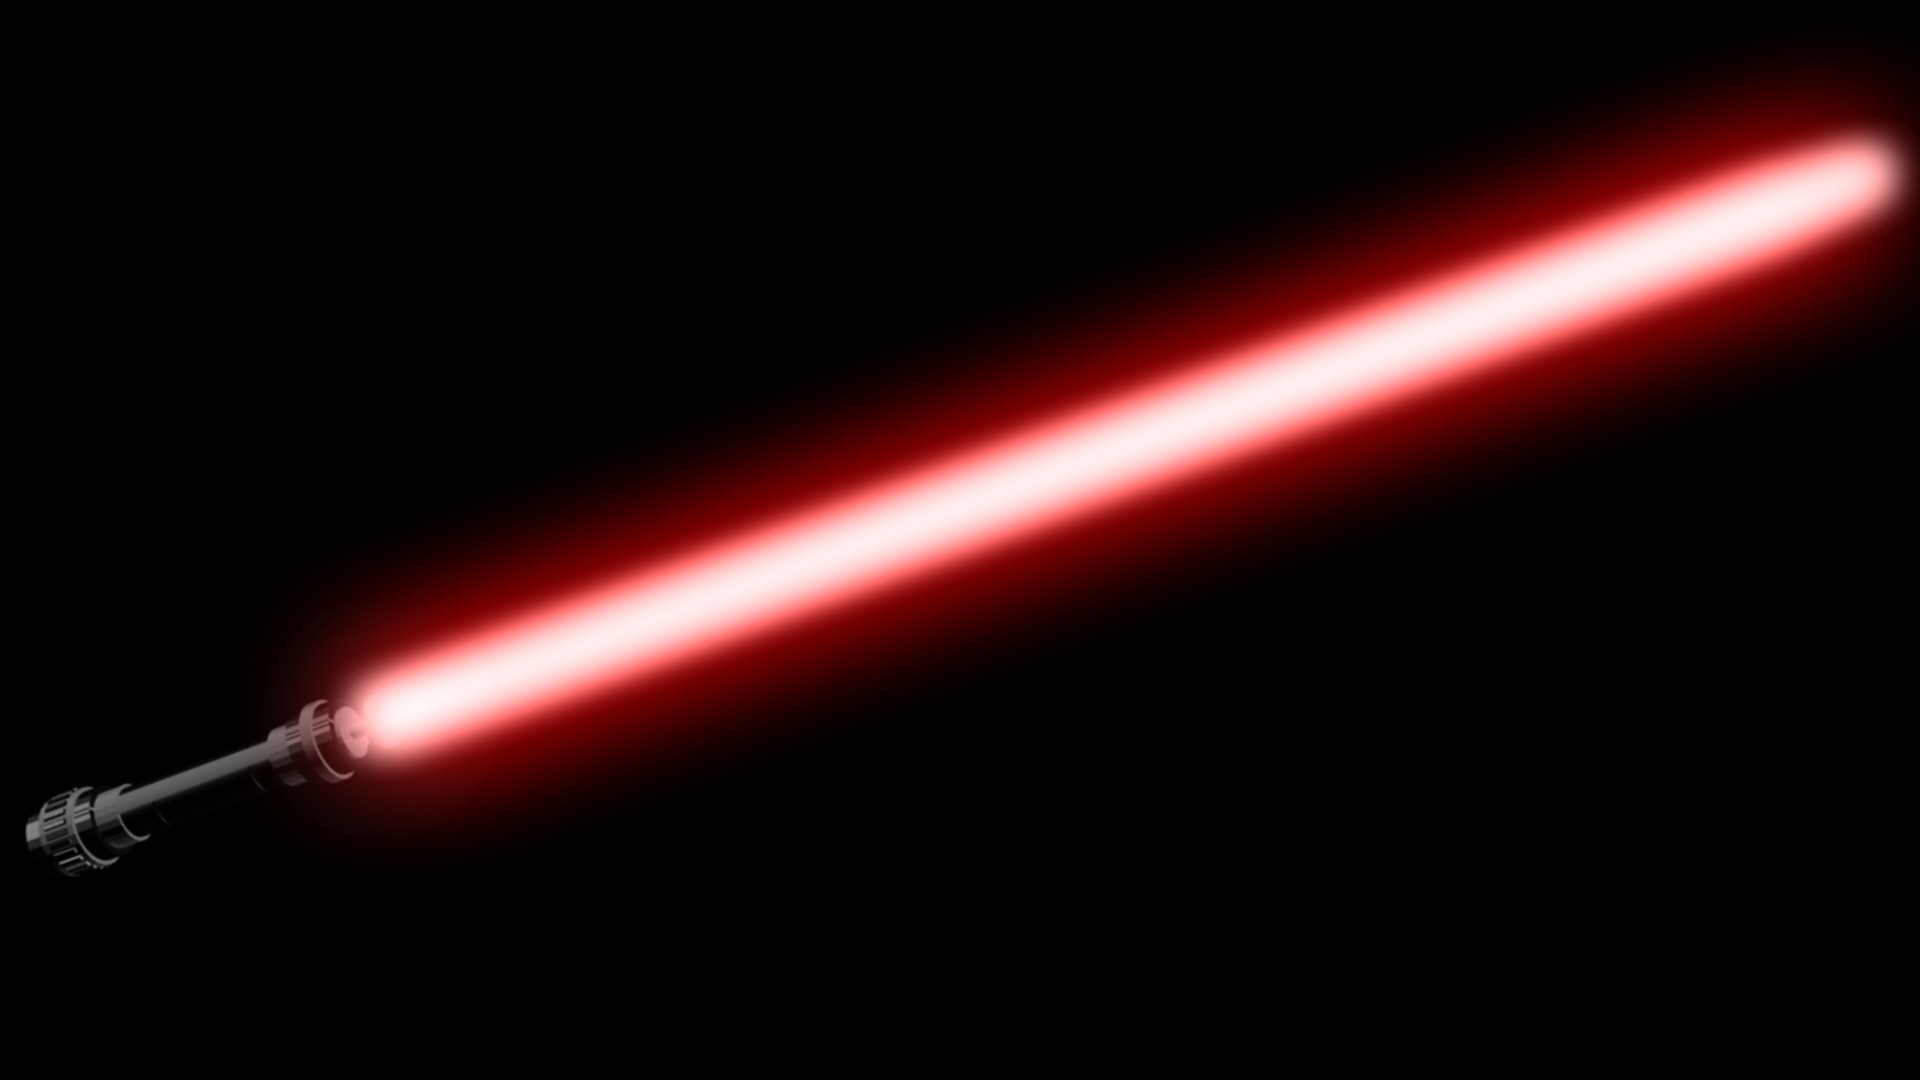 Lightsaber Wallpaper 3d lightsaber by xxmadrockxx